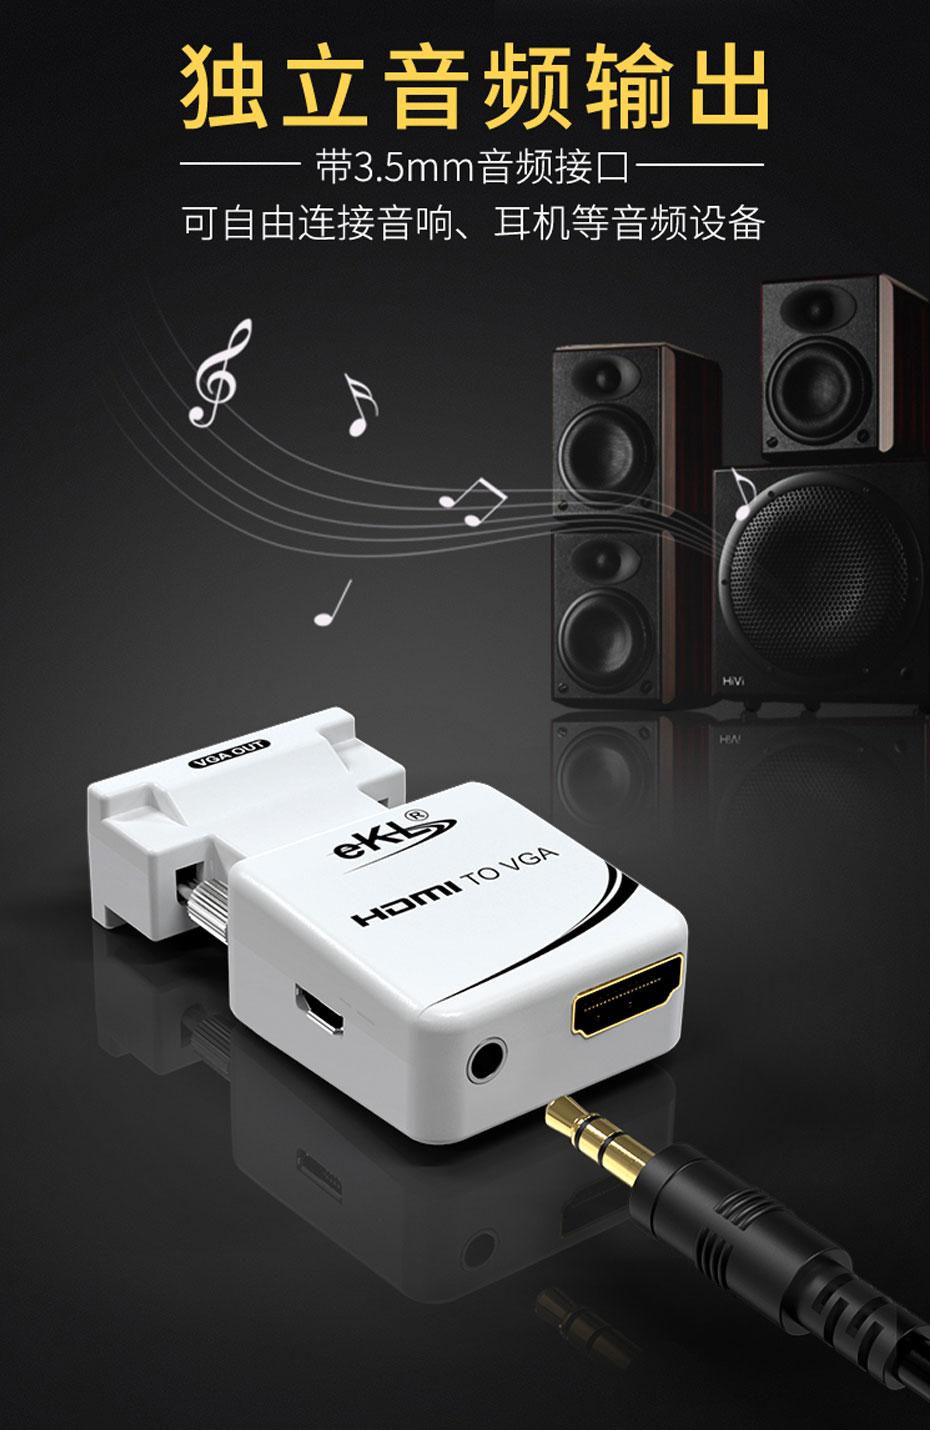 迷你HDMI转VGA转换器MiniHV使用3.5mm独立音频输出